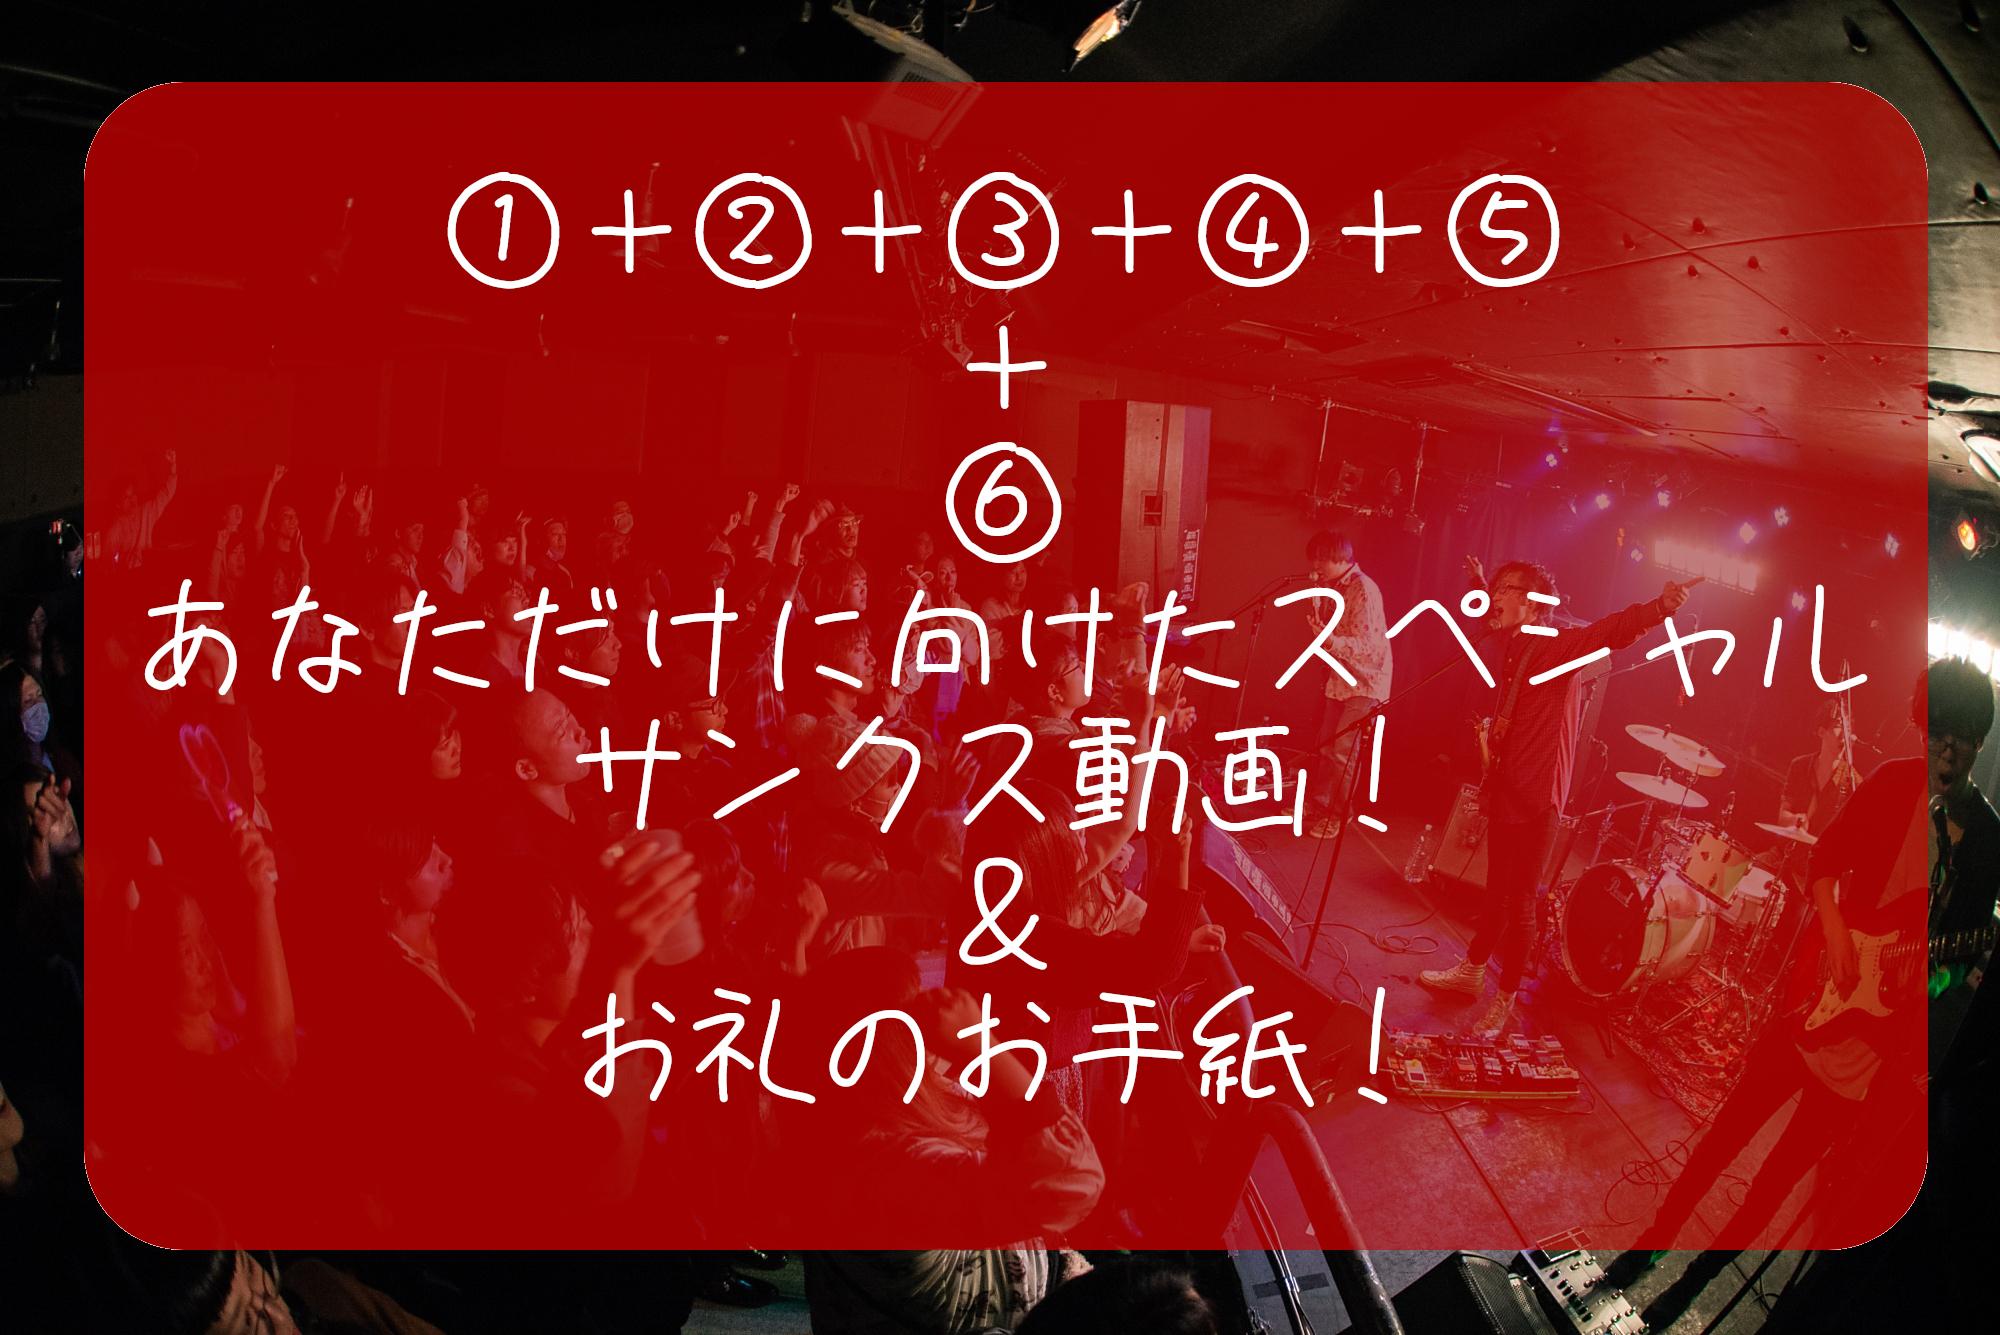 【スペシャルサンクス&ムービープラン】